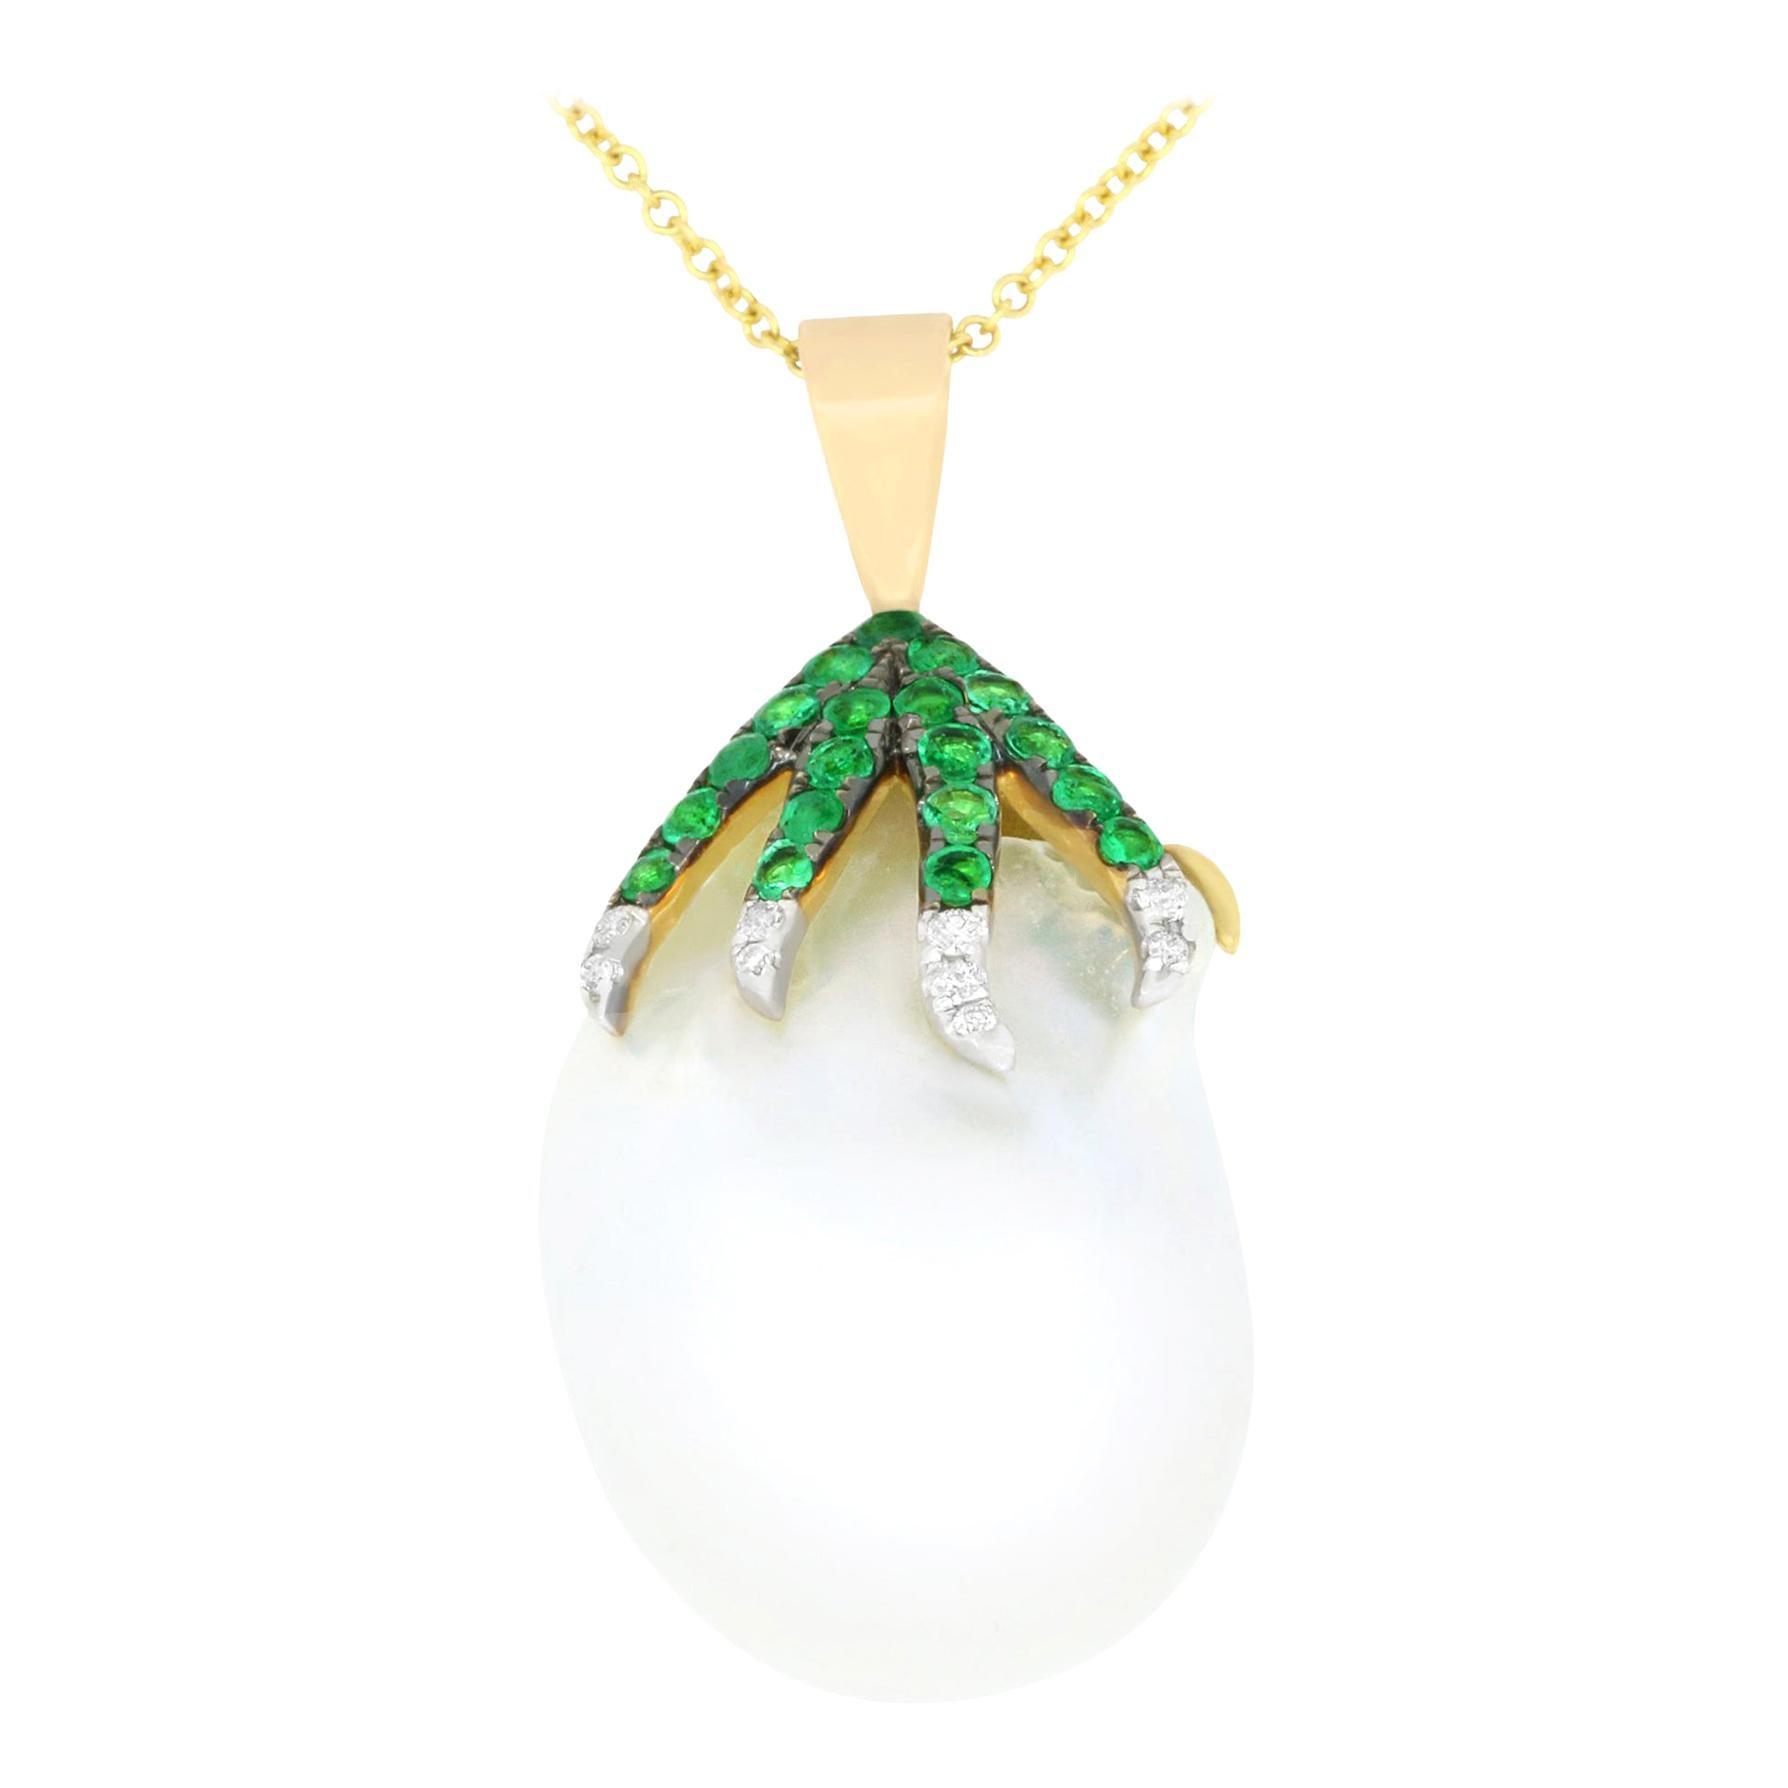 White Pearl Natural Emerald White Diamond Pendant Necklace Chain 14K White Gold